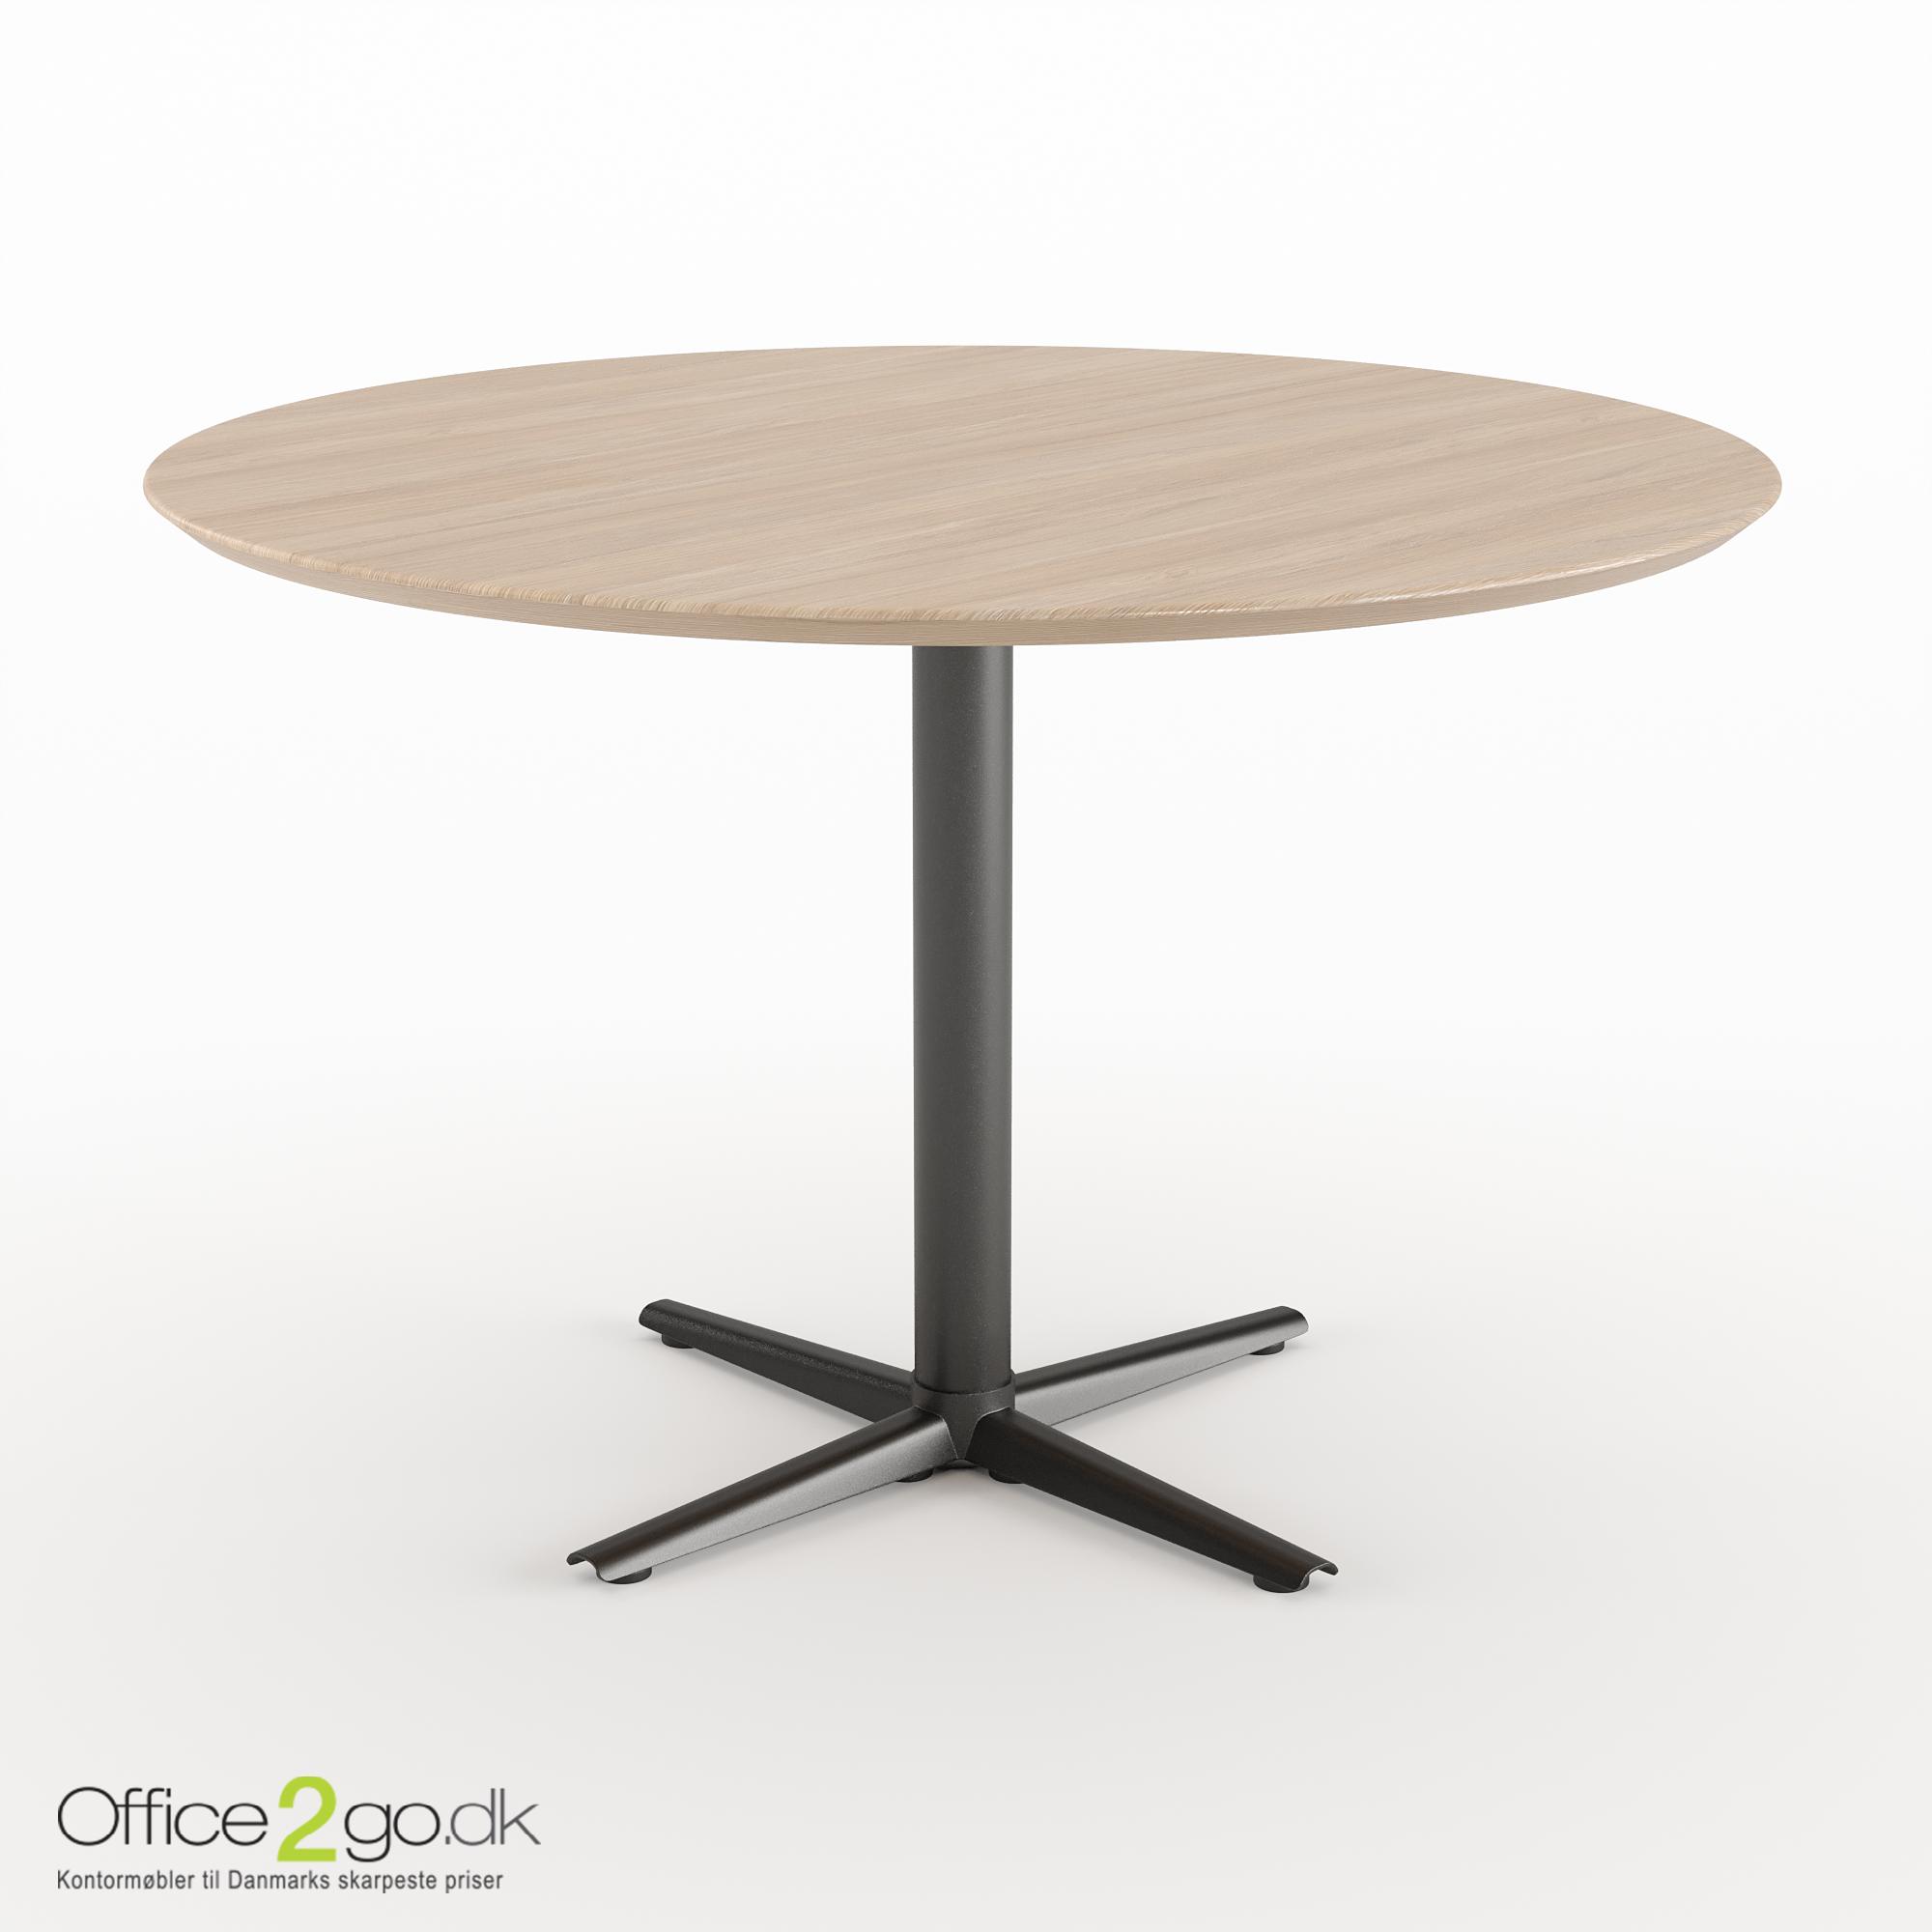 Switch mødebord - 5 personer - Ø 110 cm.